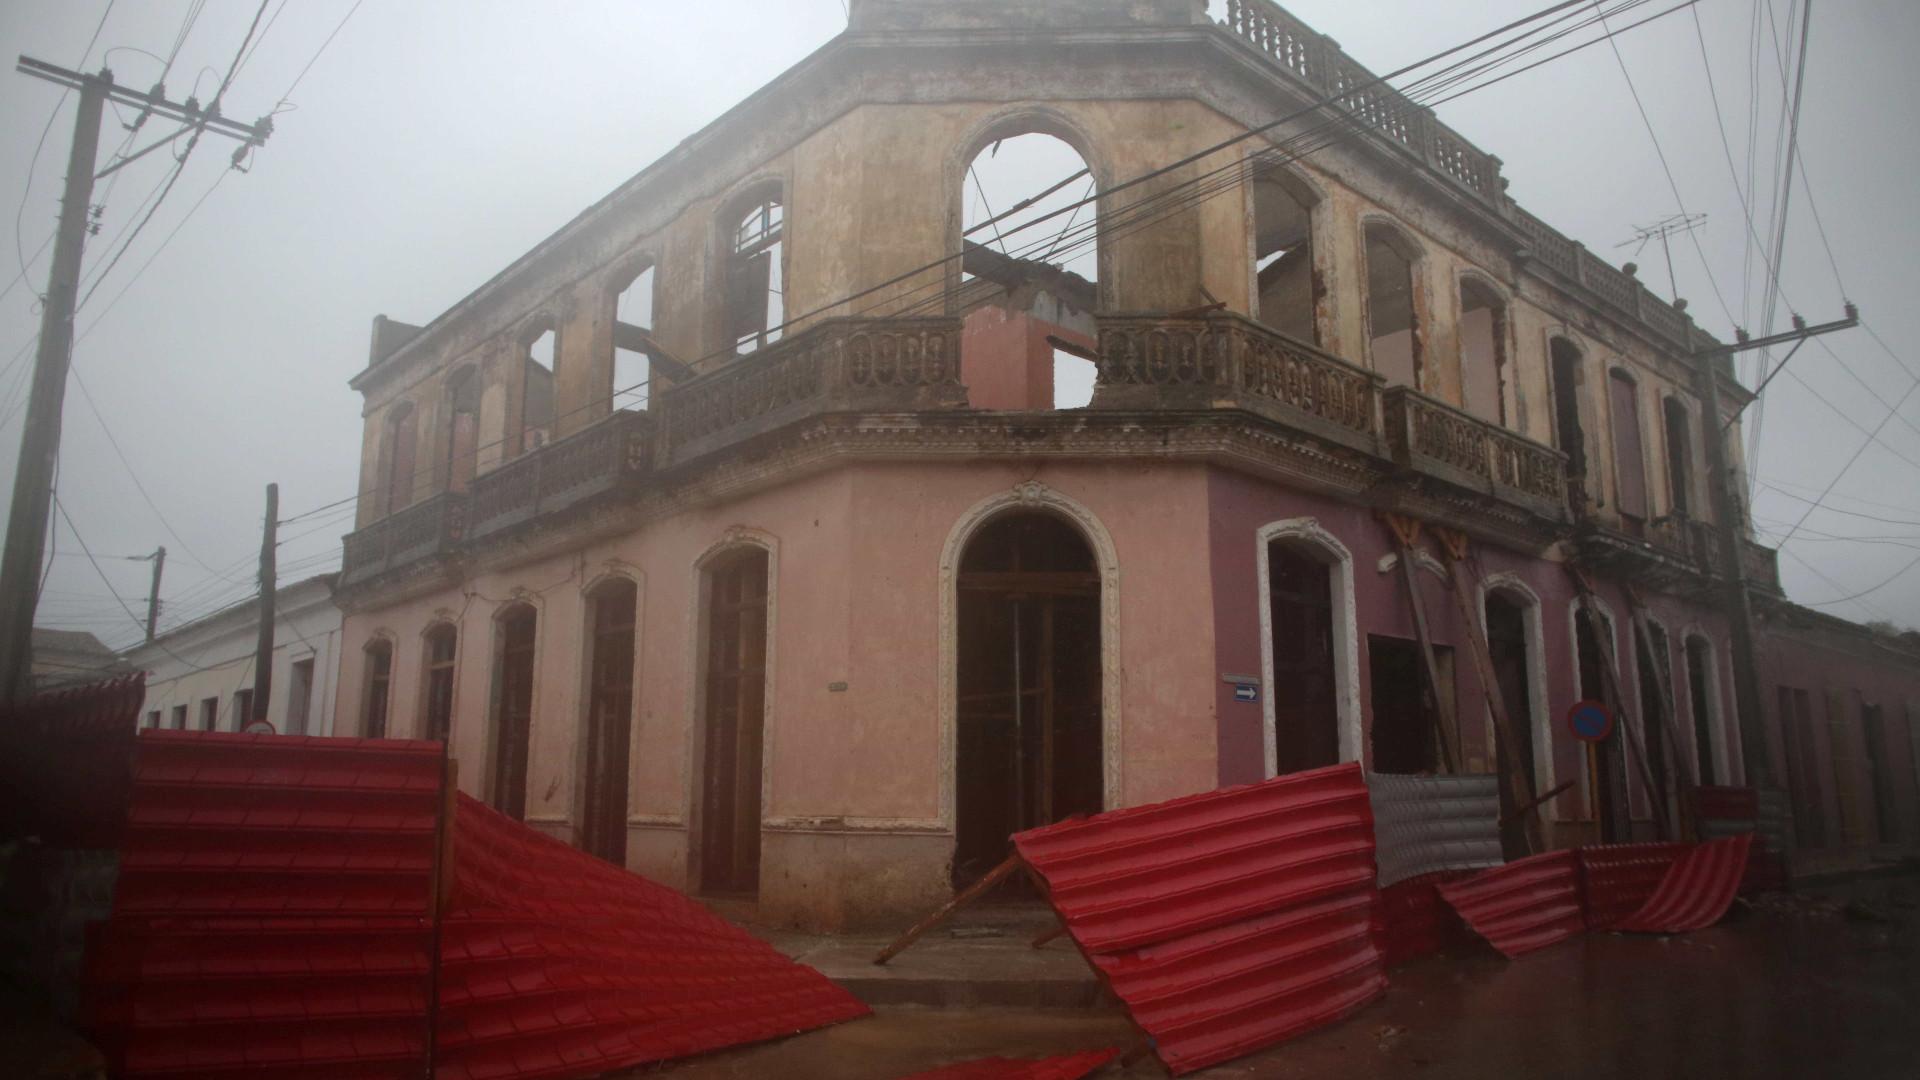 Furacão Irma atravessa Cuba e já causa chuva forte na Flórida